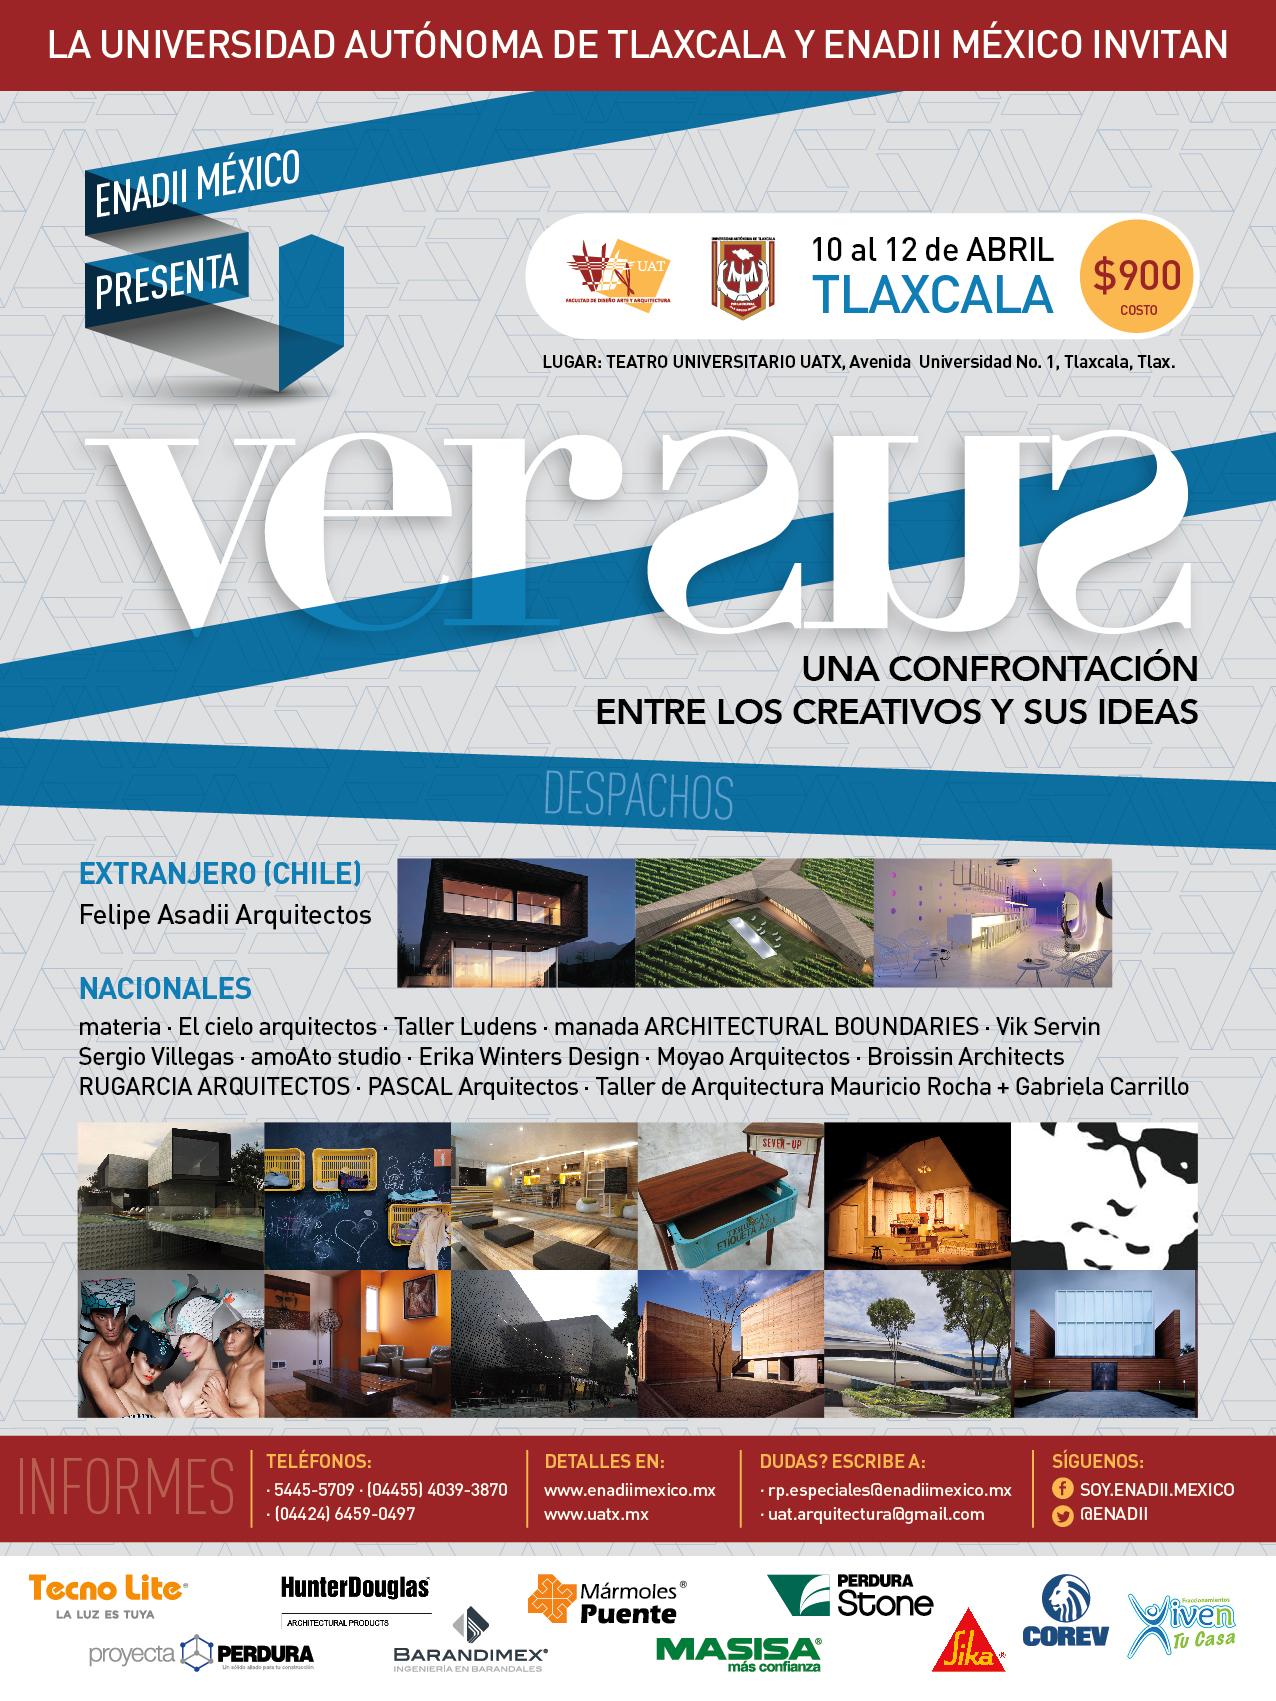 Pascal Arquitectos en el congreso ENADII Tlaxcala este 12 de Abril